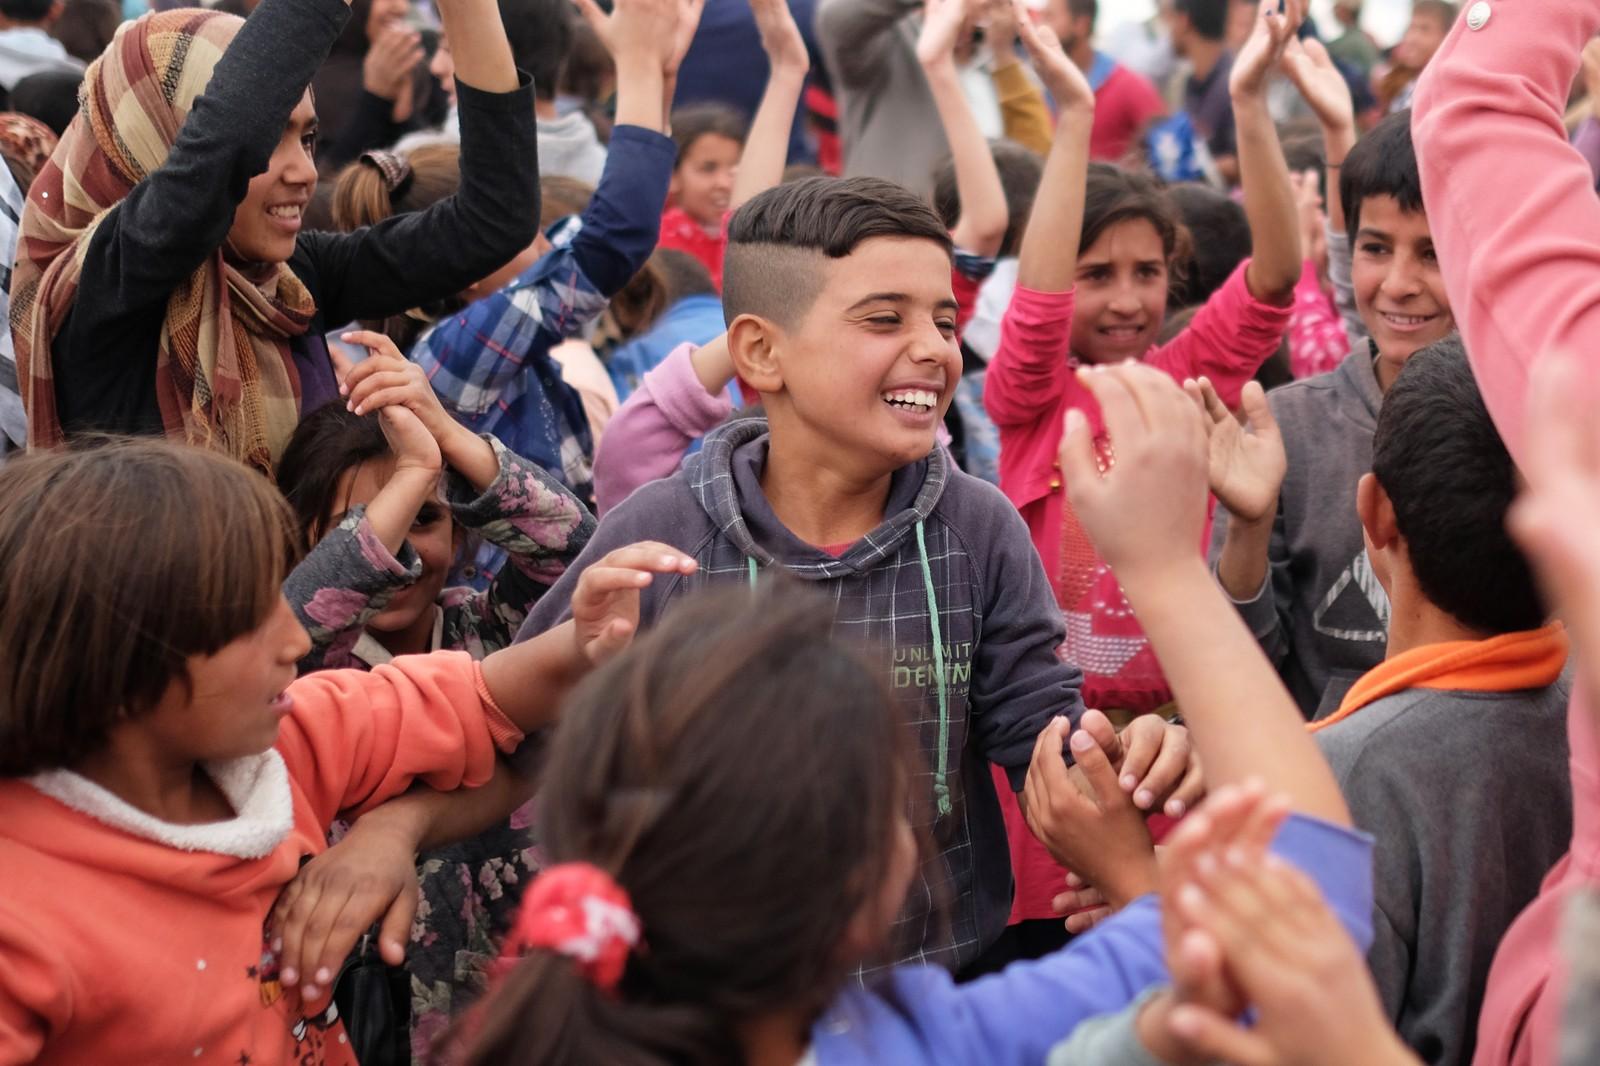 Midt i all elendigheten har barna fått en god nyhet, det skal startes skole i flyktningleiren.